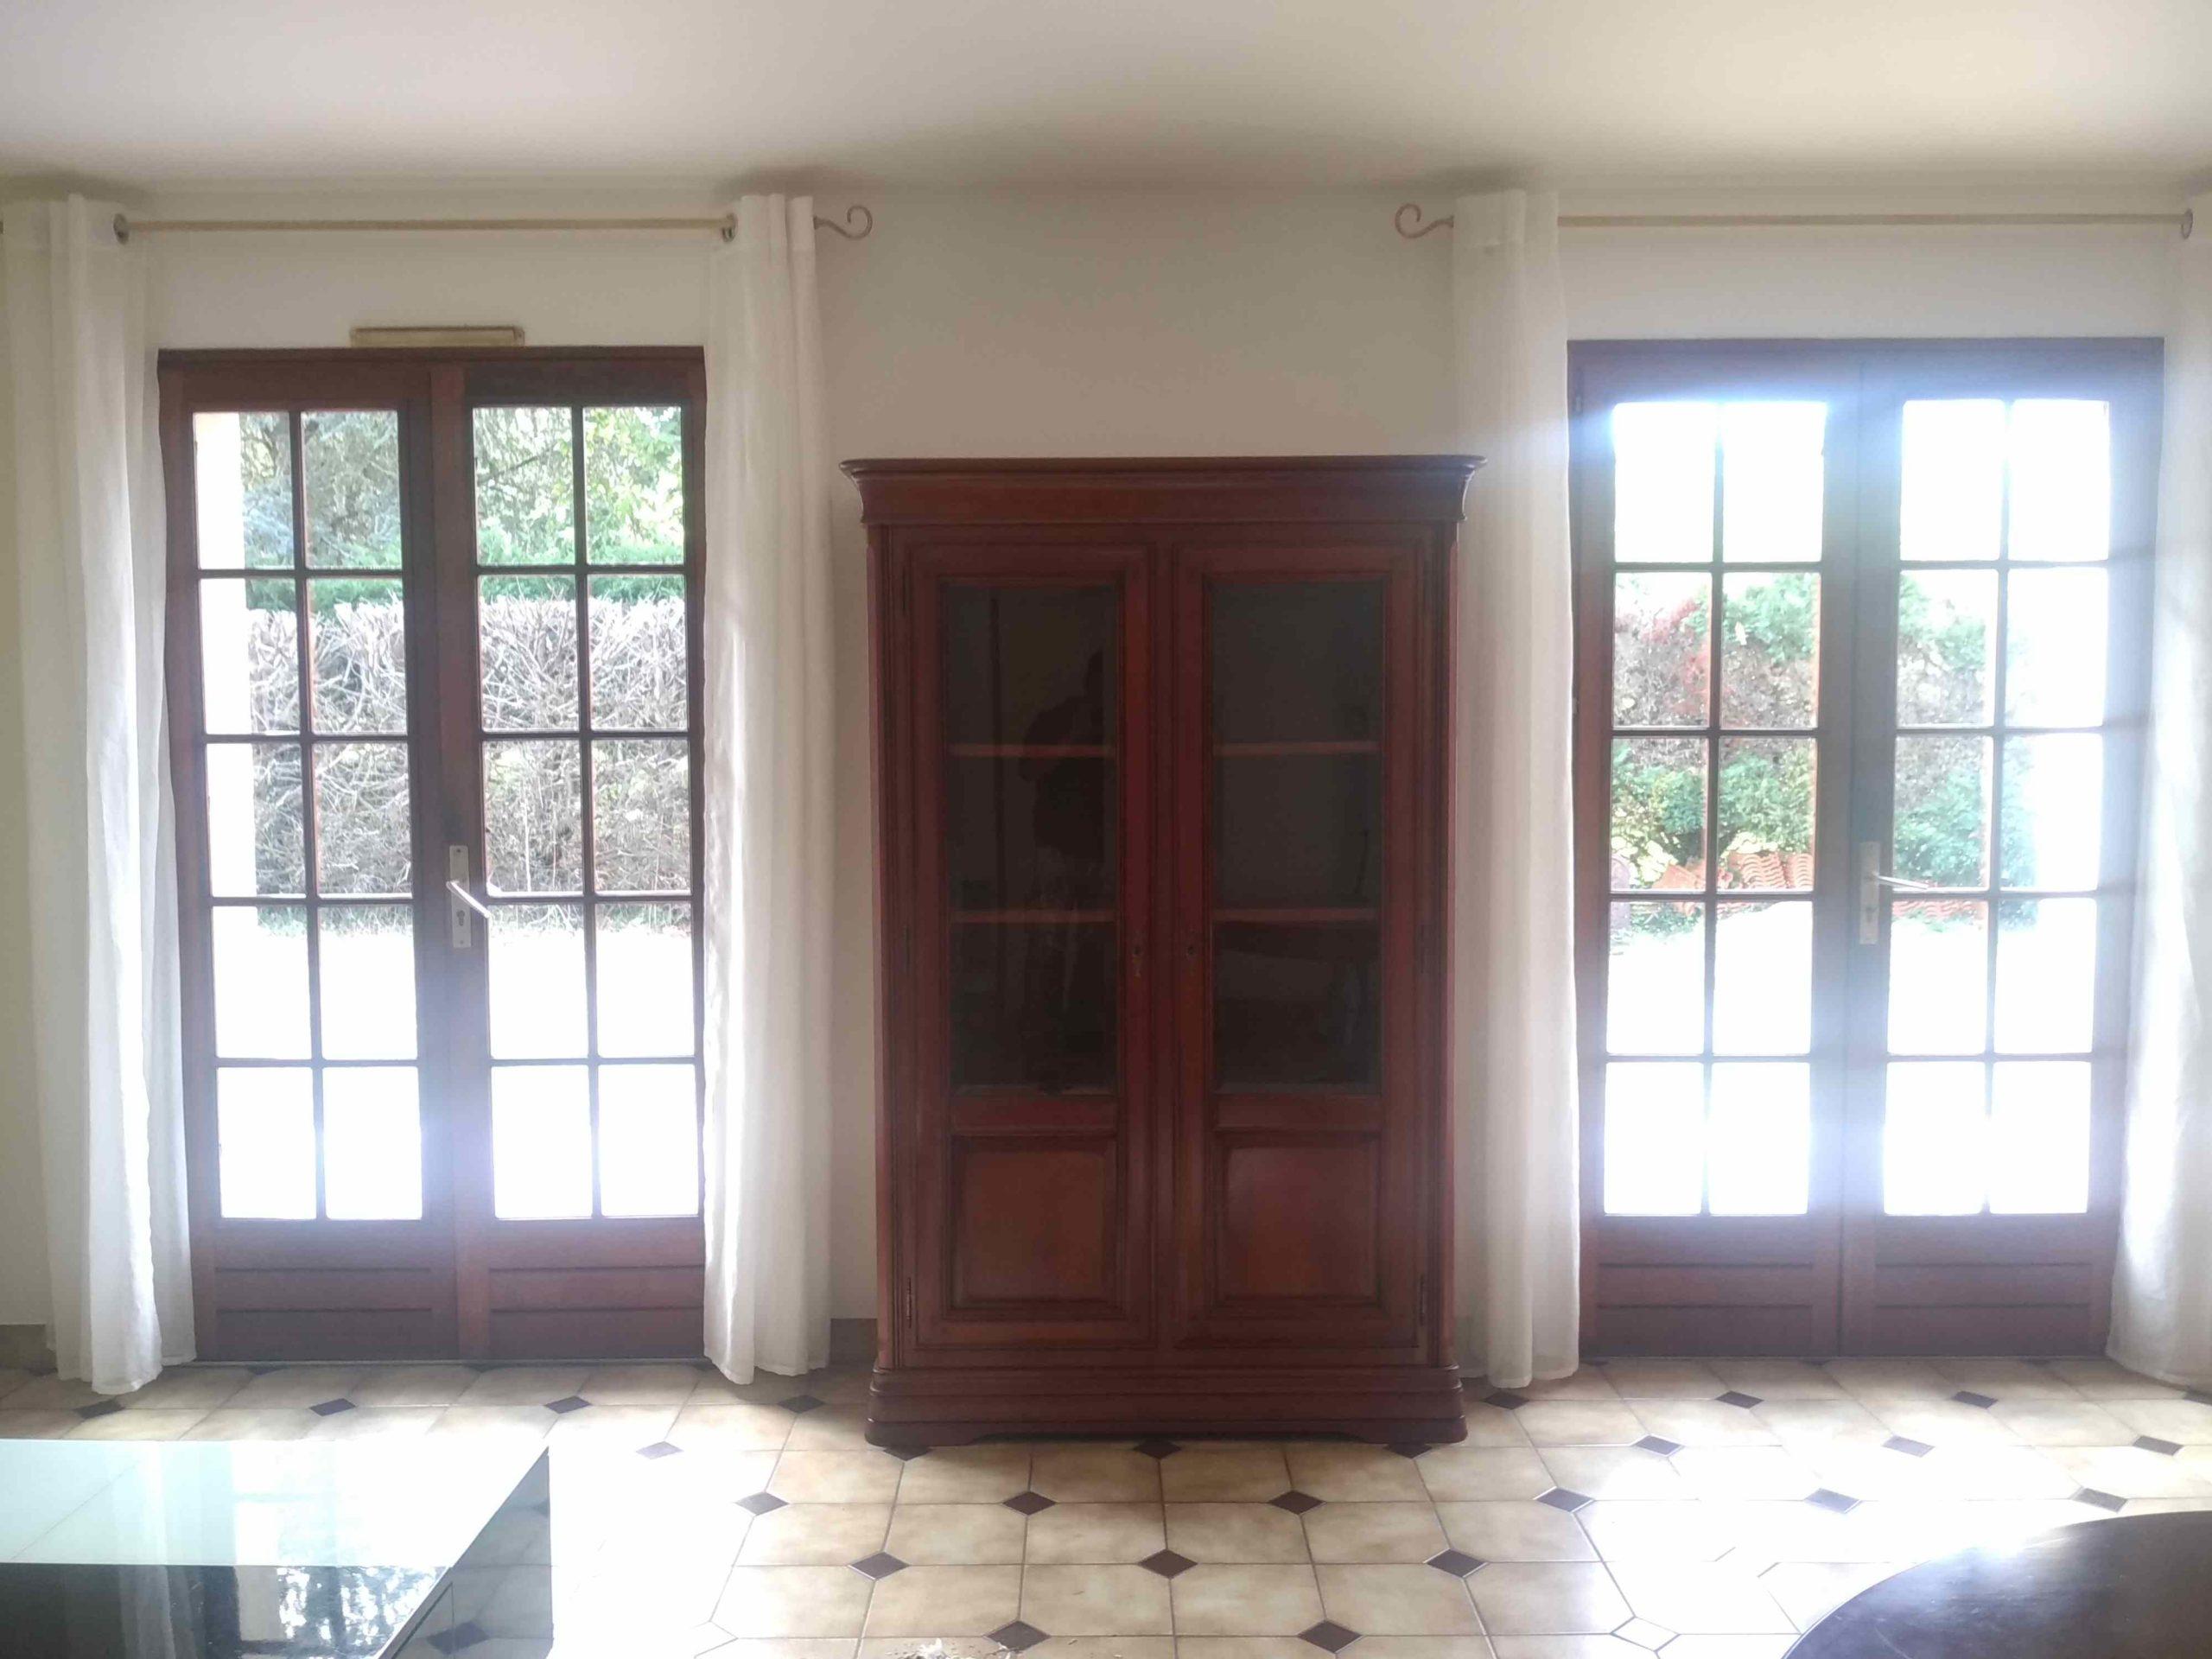 Rénovation d'un salon (une belle pièce à vivre lumineuse et moderne qui ne demande qu'à être sublimée)